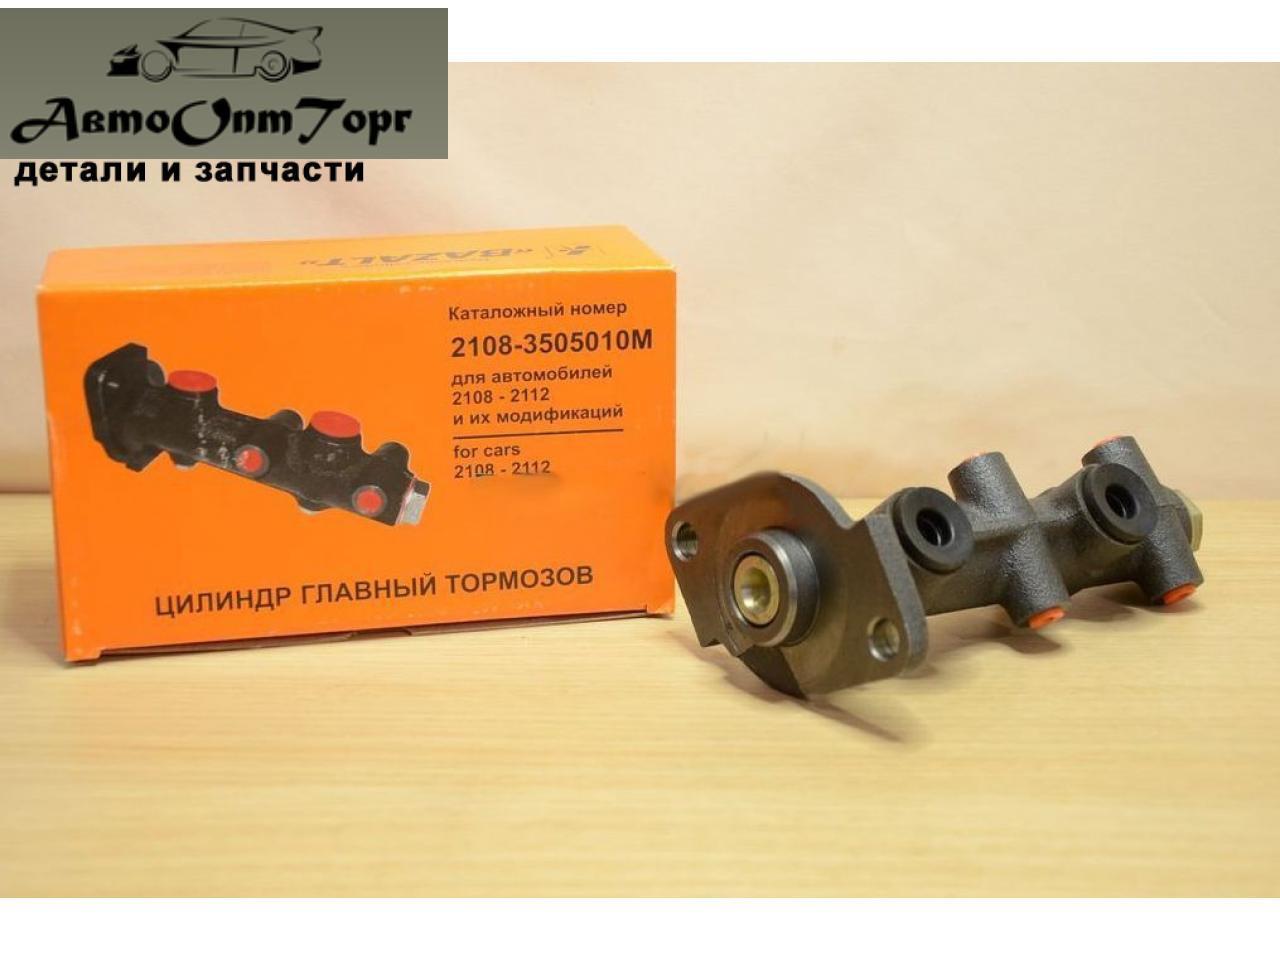 Главный тормозной цилиндр ВАЗ 2108, 2109, 21099, 2110, 2111, 2112, 2115, Т-2043-СМ-14, произ-во Базальт, кат.код. 2108-3505010М